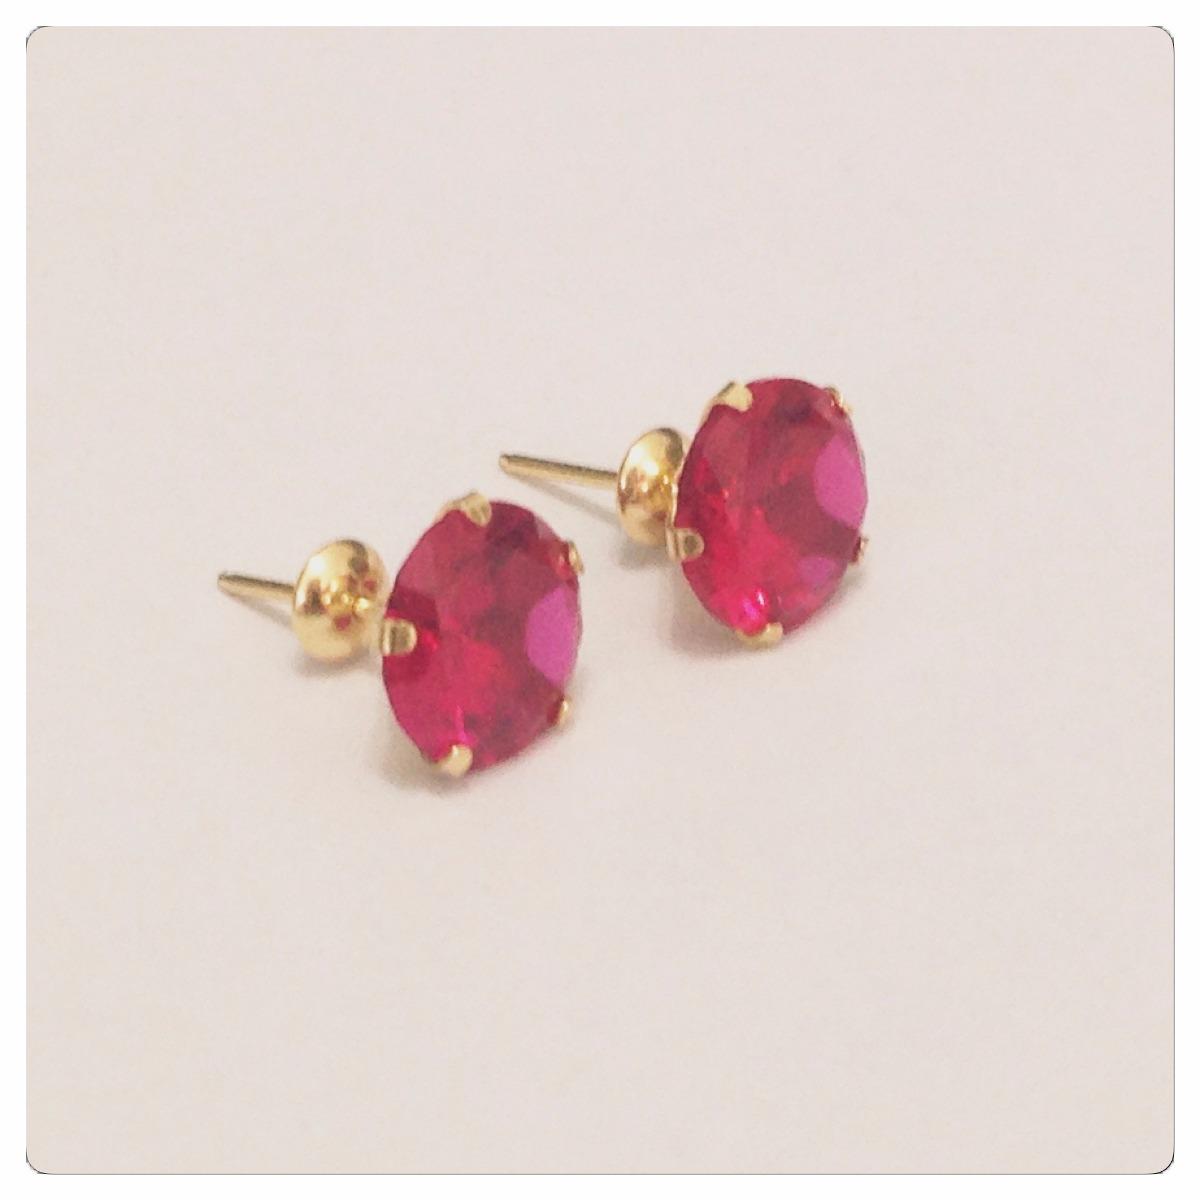 3a056fd93d8 Brincos Pedra Vermelho Rubi De 7mm Delicada Joia Ouro 18k - R  230 ...